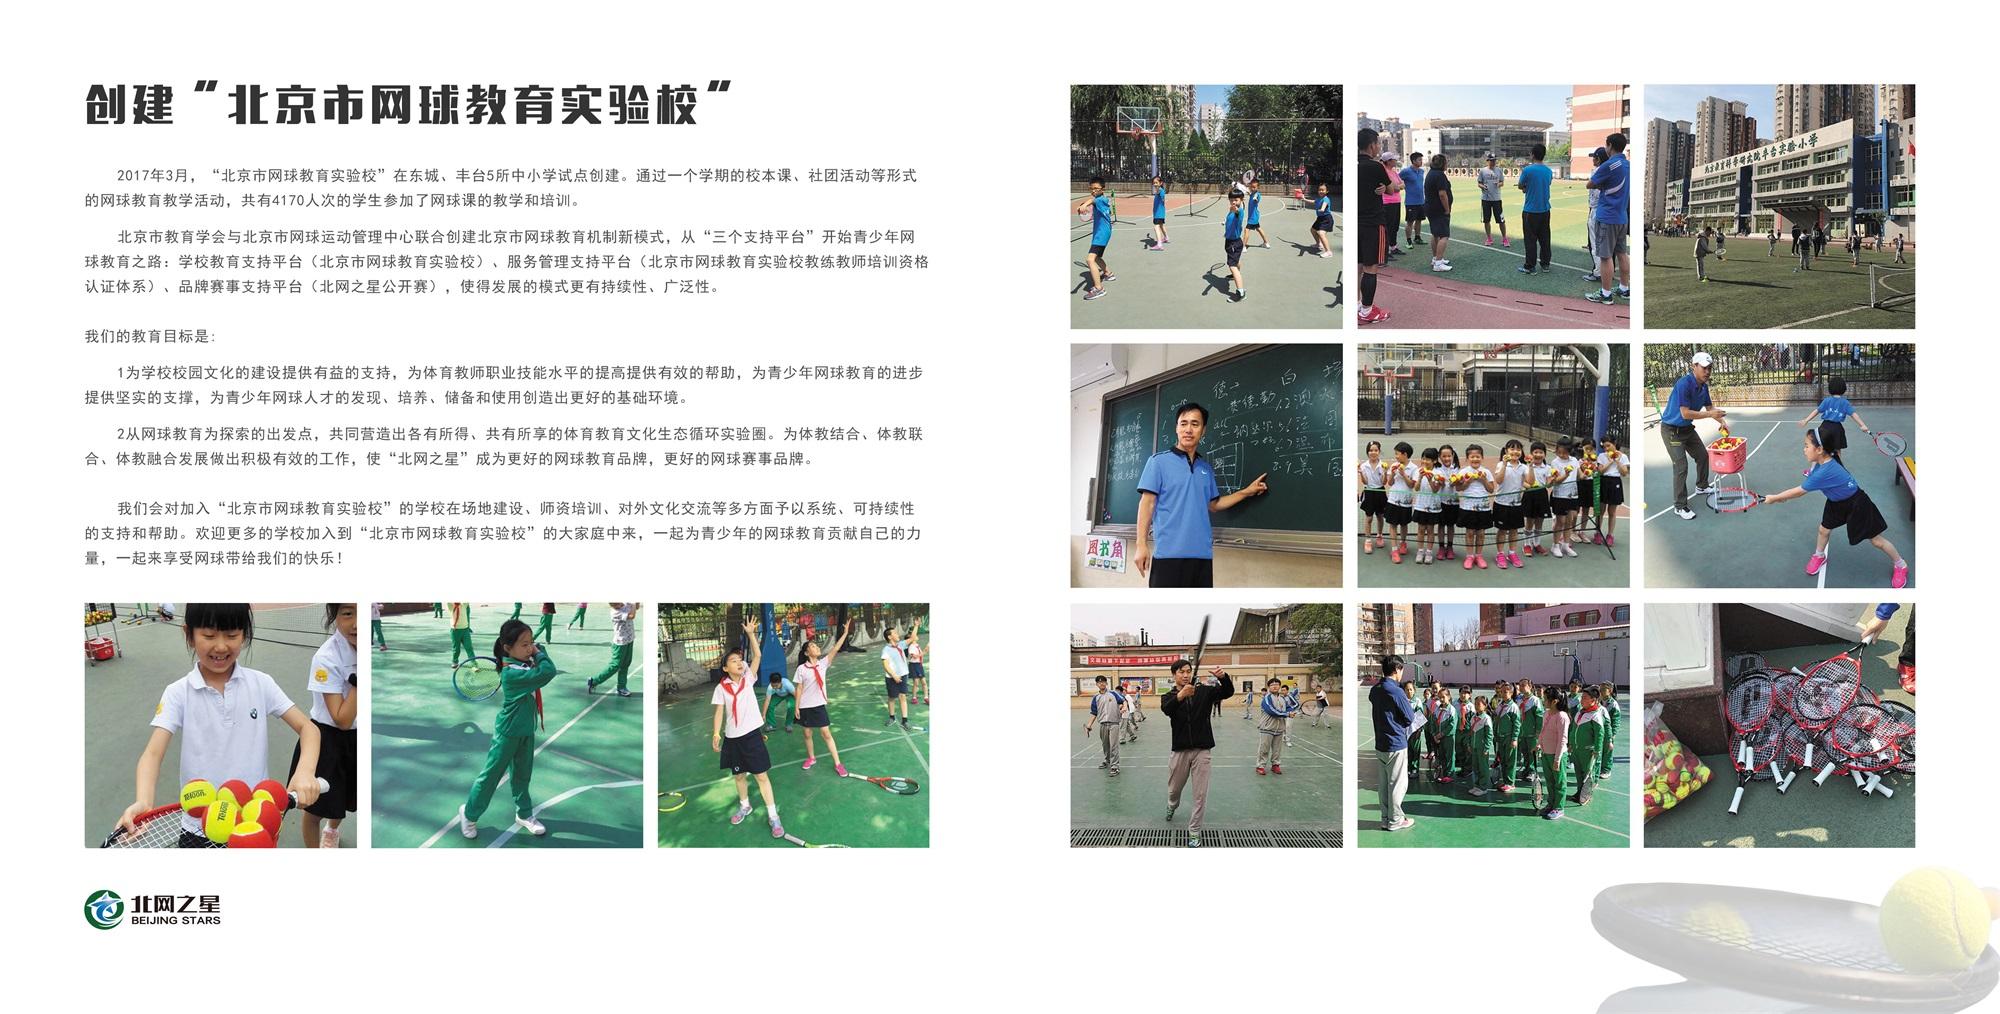 21-22_看图王.jpg